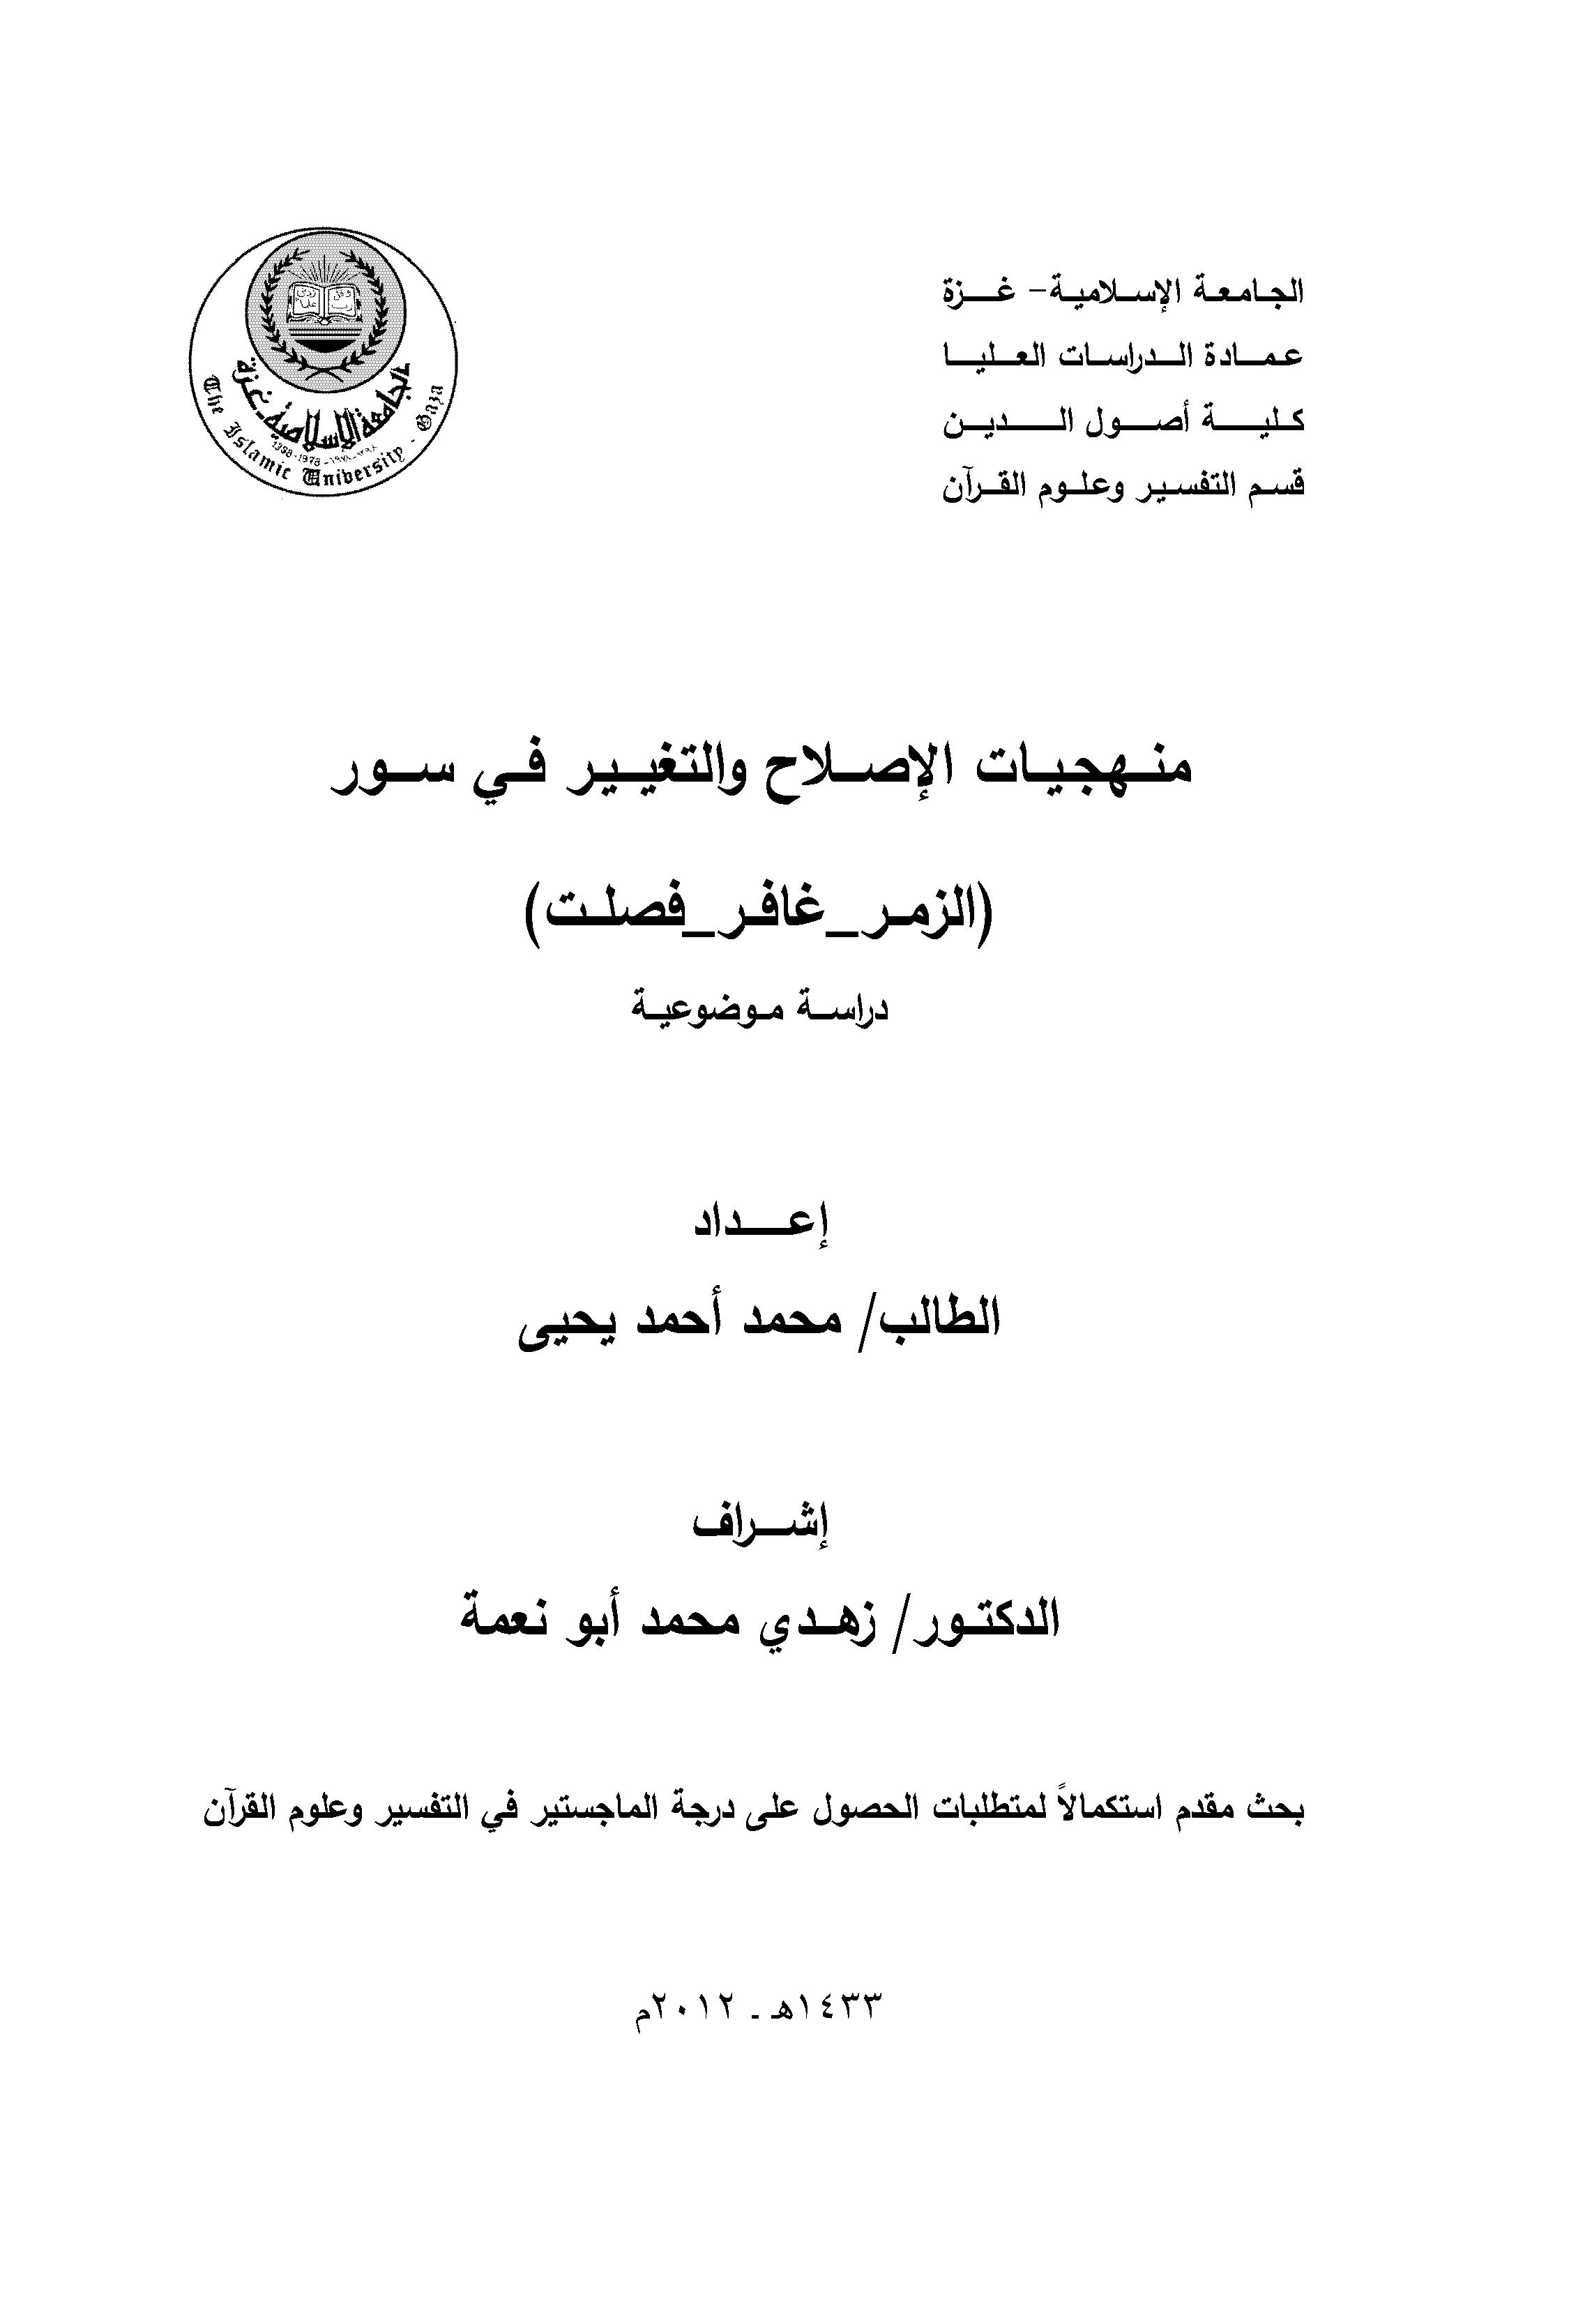 تحميل كتاب منهجيات الإصلاح والتغيير في سور الزمر - غافر - فصلت (دراسة موضوعية) لـِ: محمد أحمد يحيى